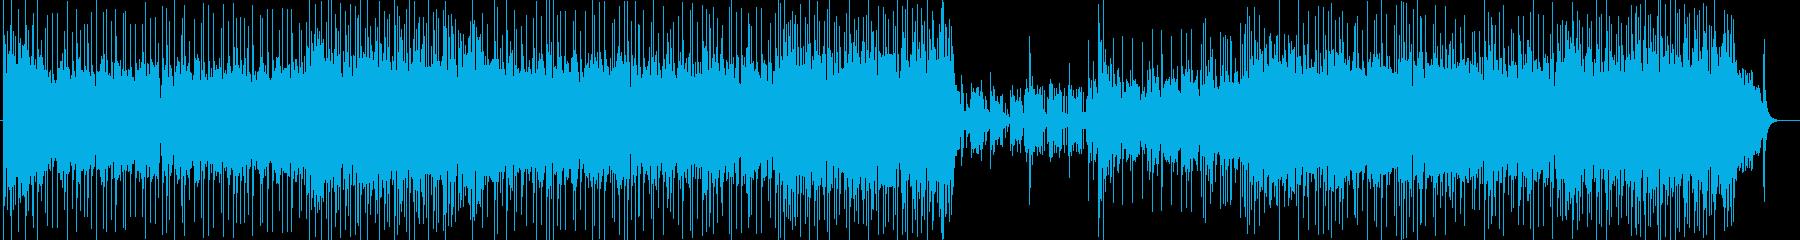 きらびやかでアダルトな70's洋楽ソウルの再生済みの波形